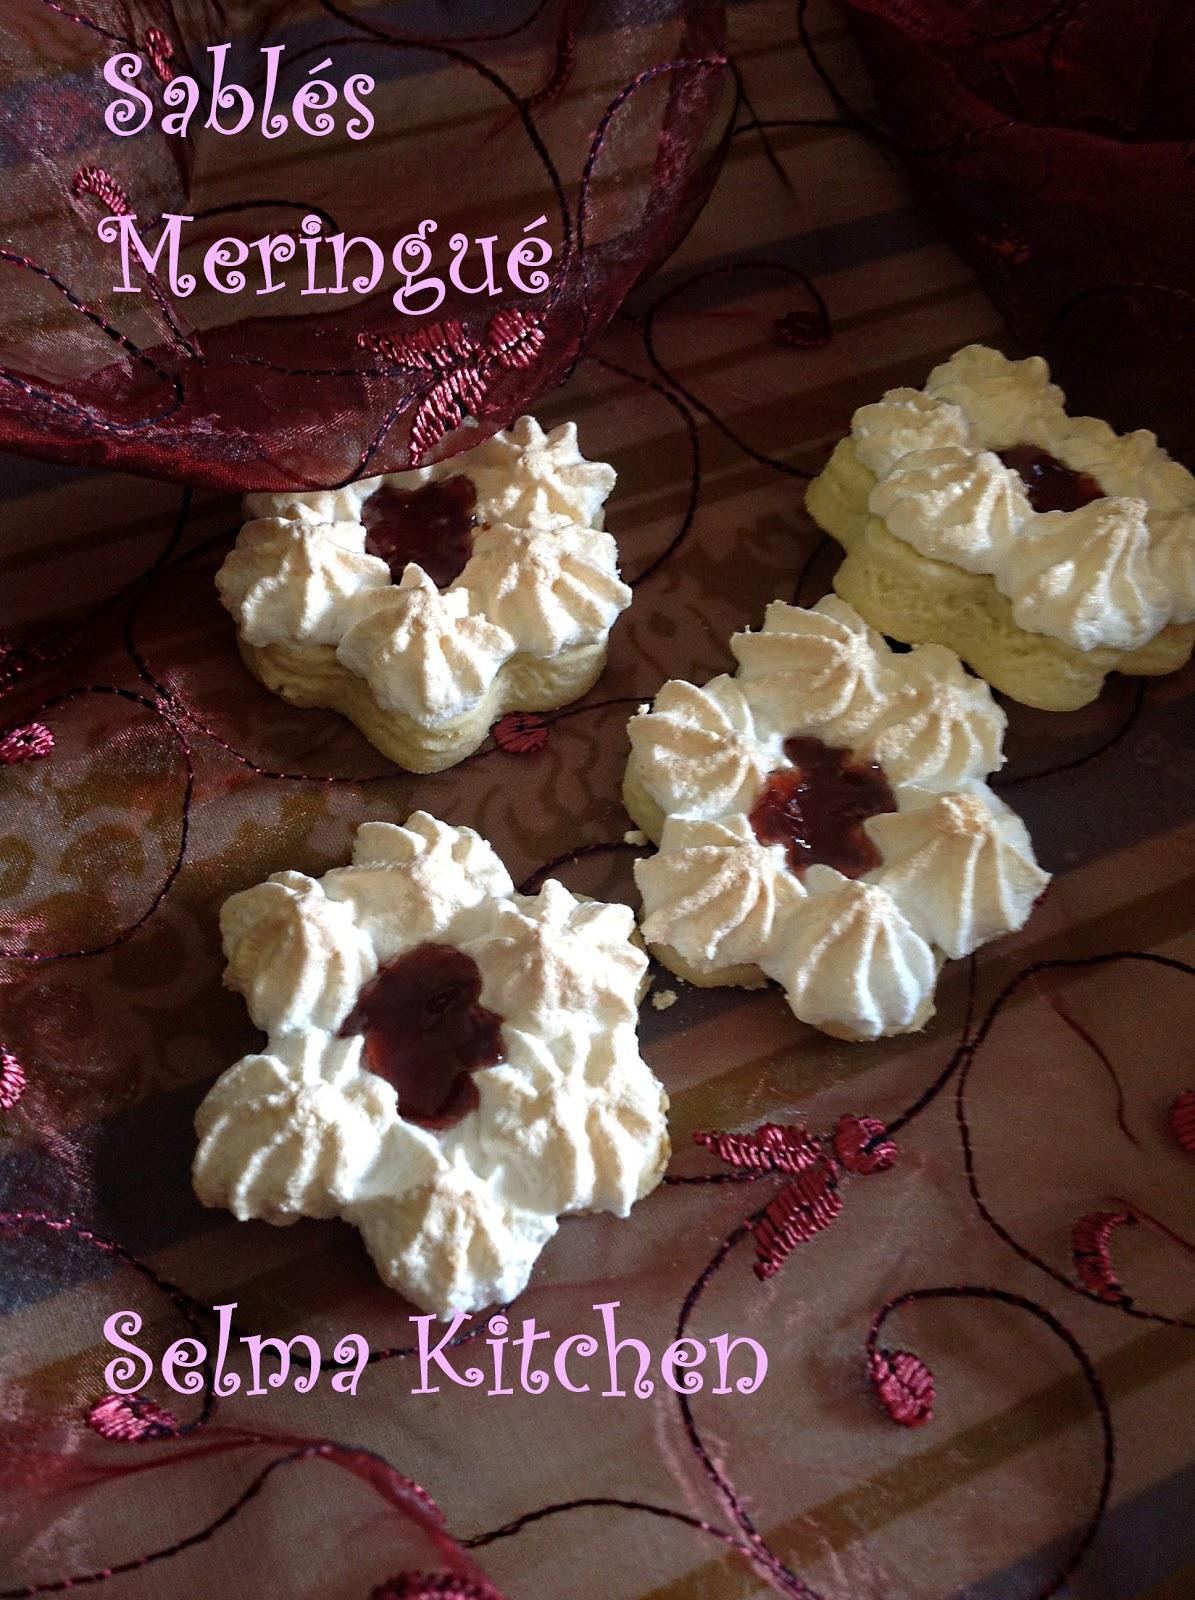 Sabl s meringu s a la confiture blogs de cuisine - Recette sable confiture maizena ...